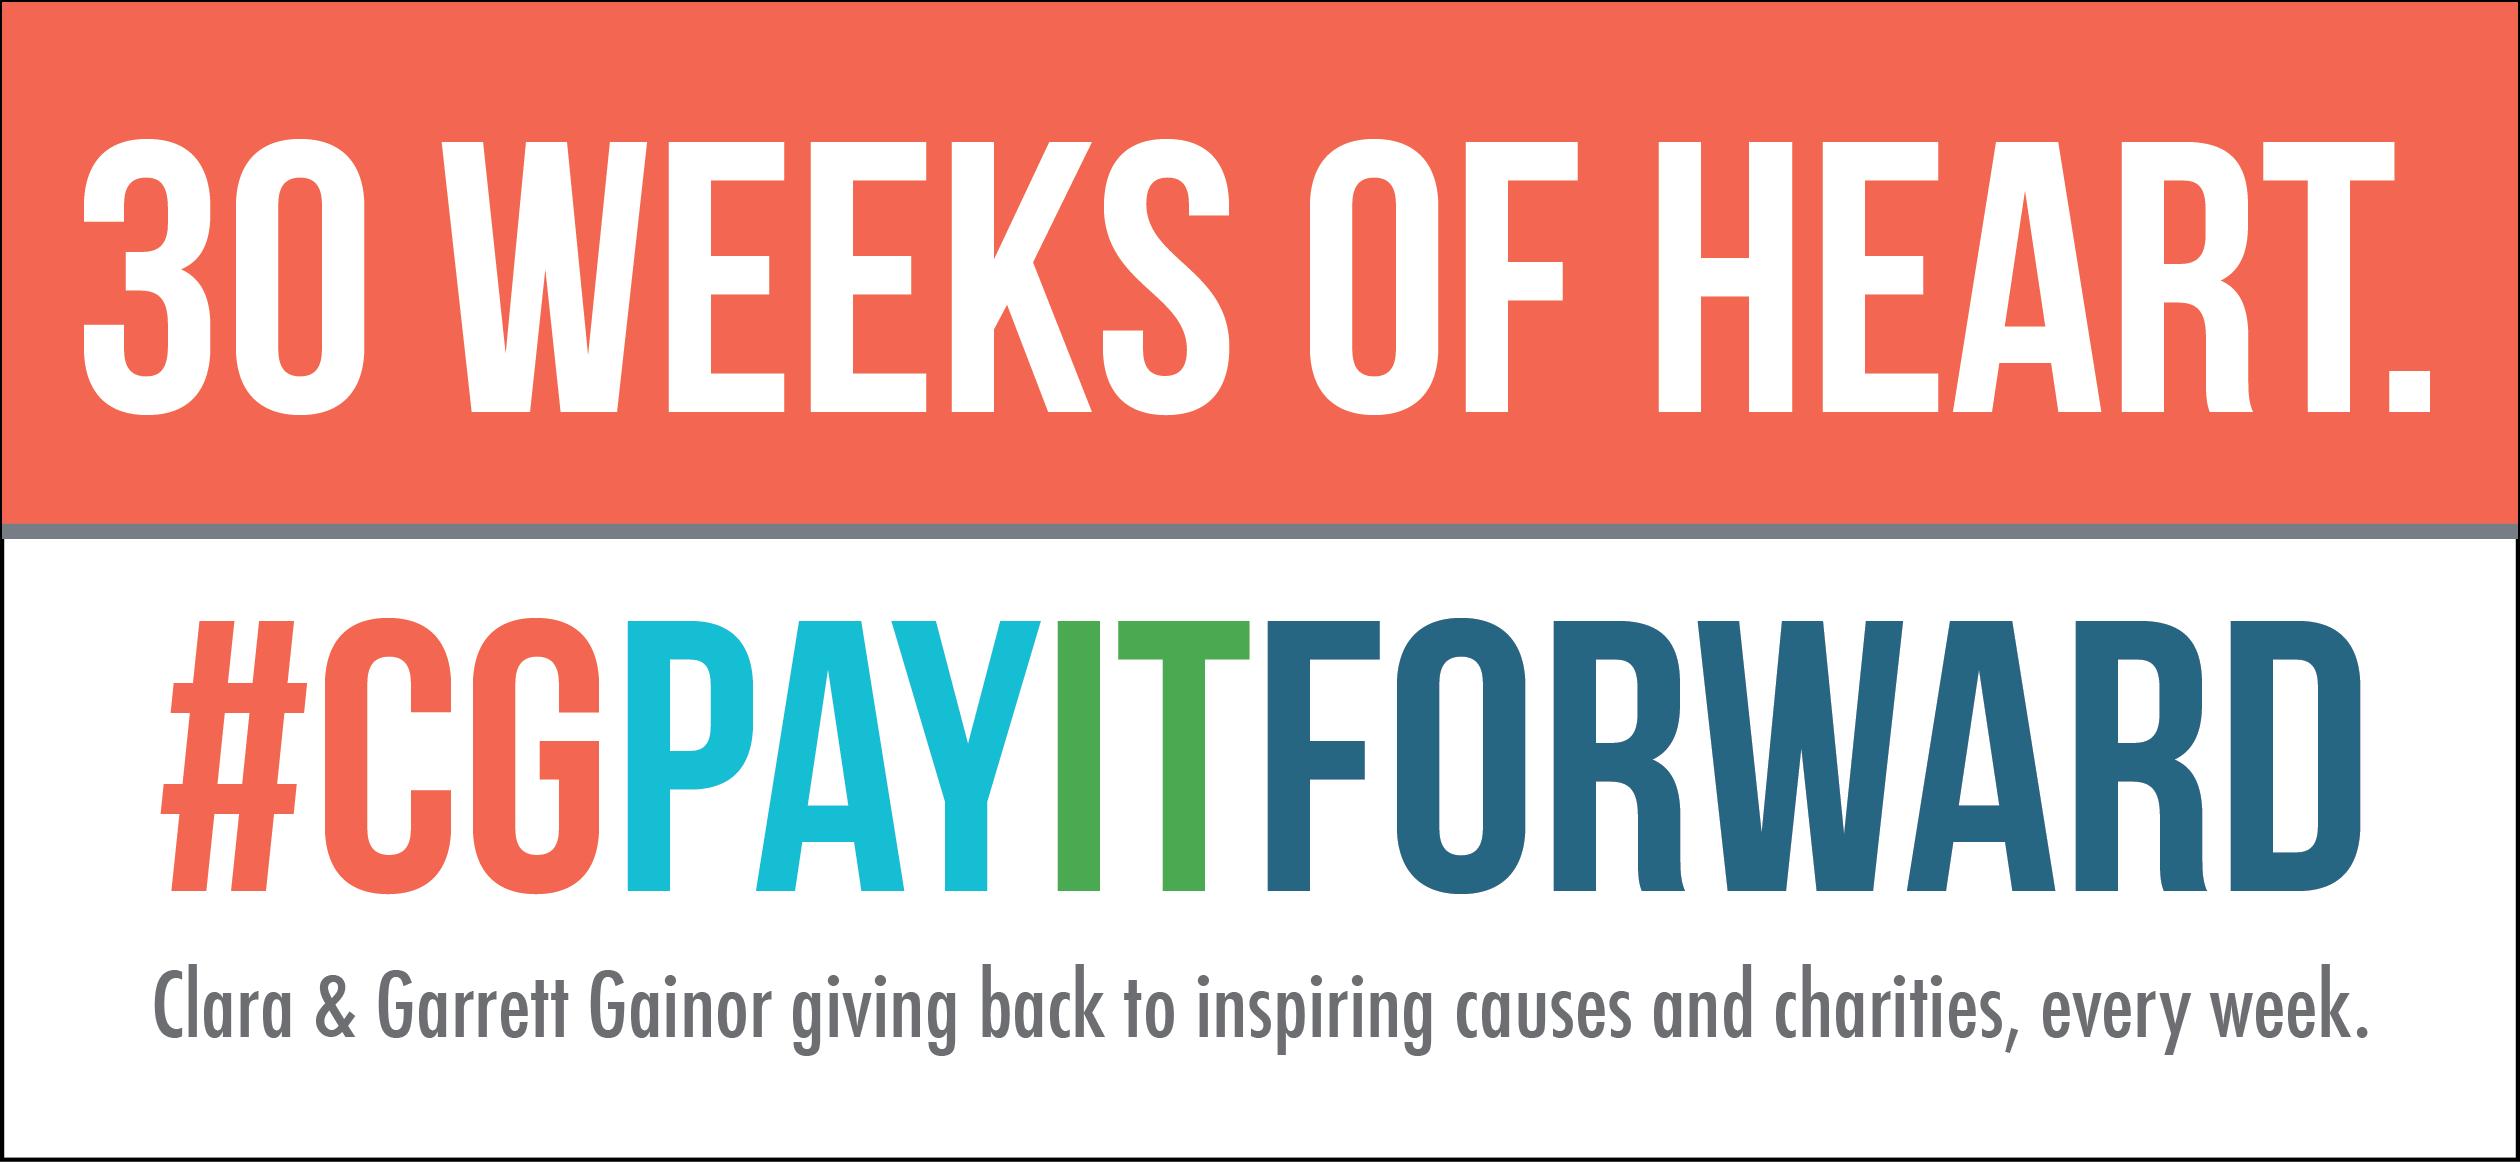 30 weeks of heart – #CGPayItForward